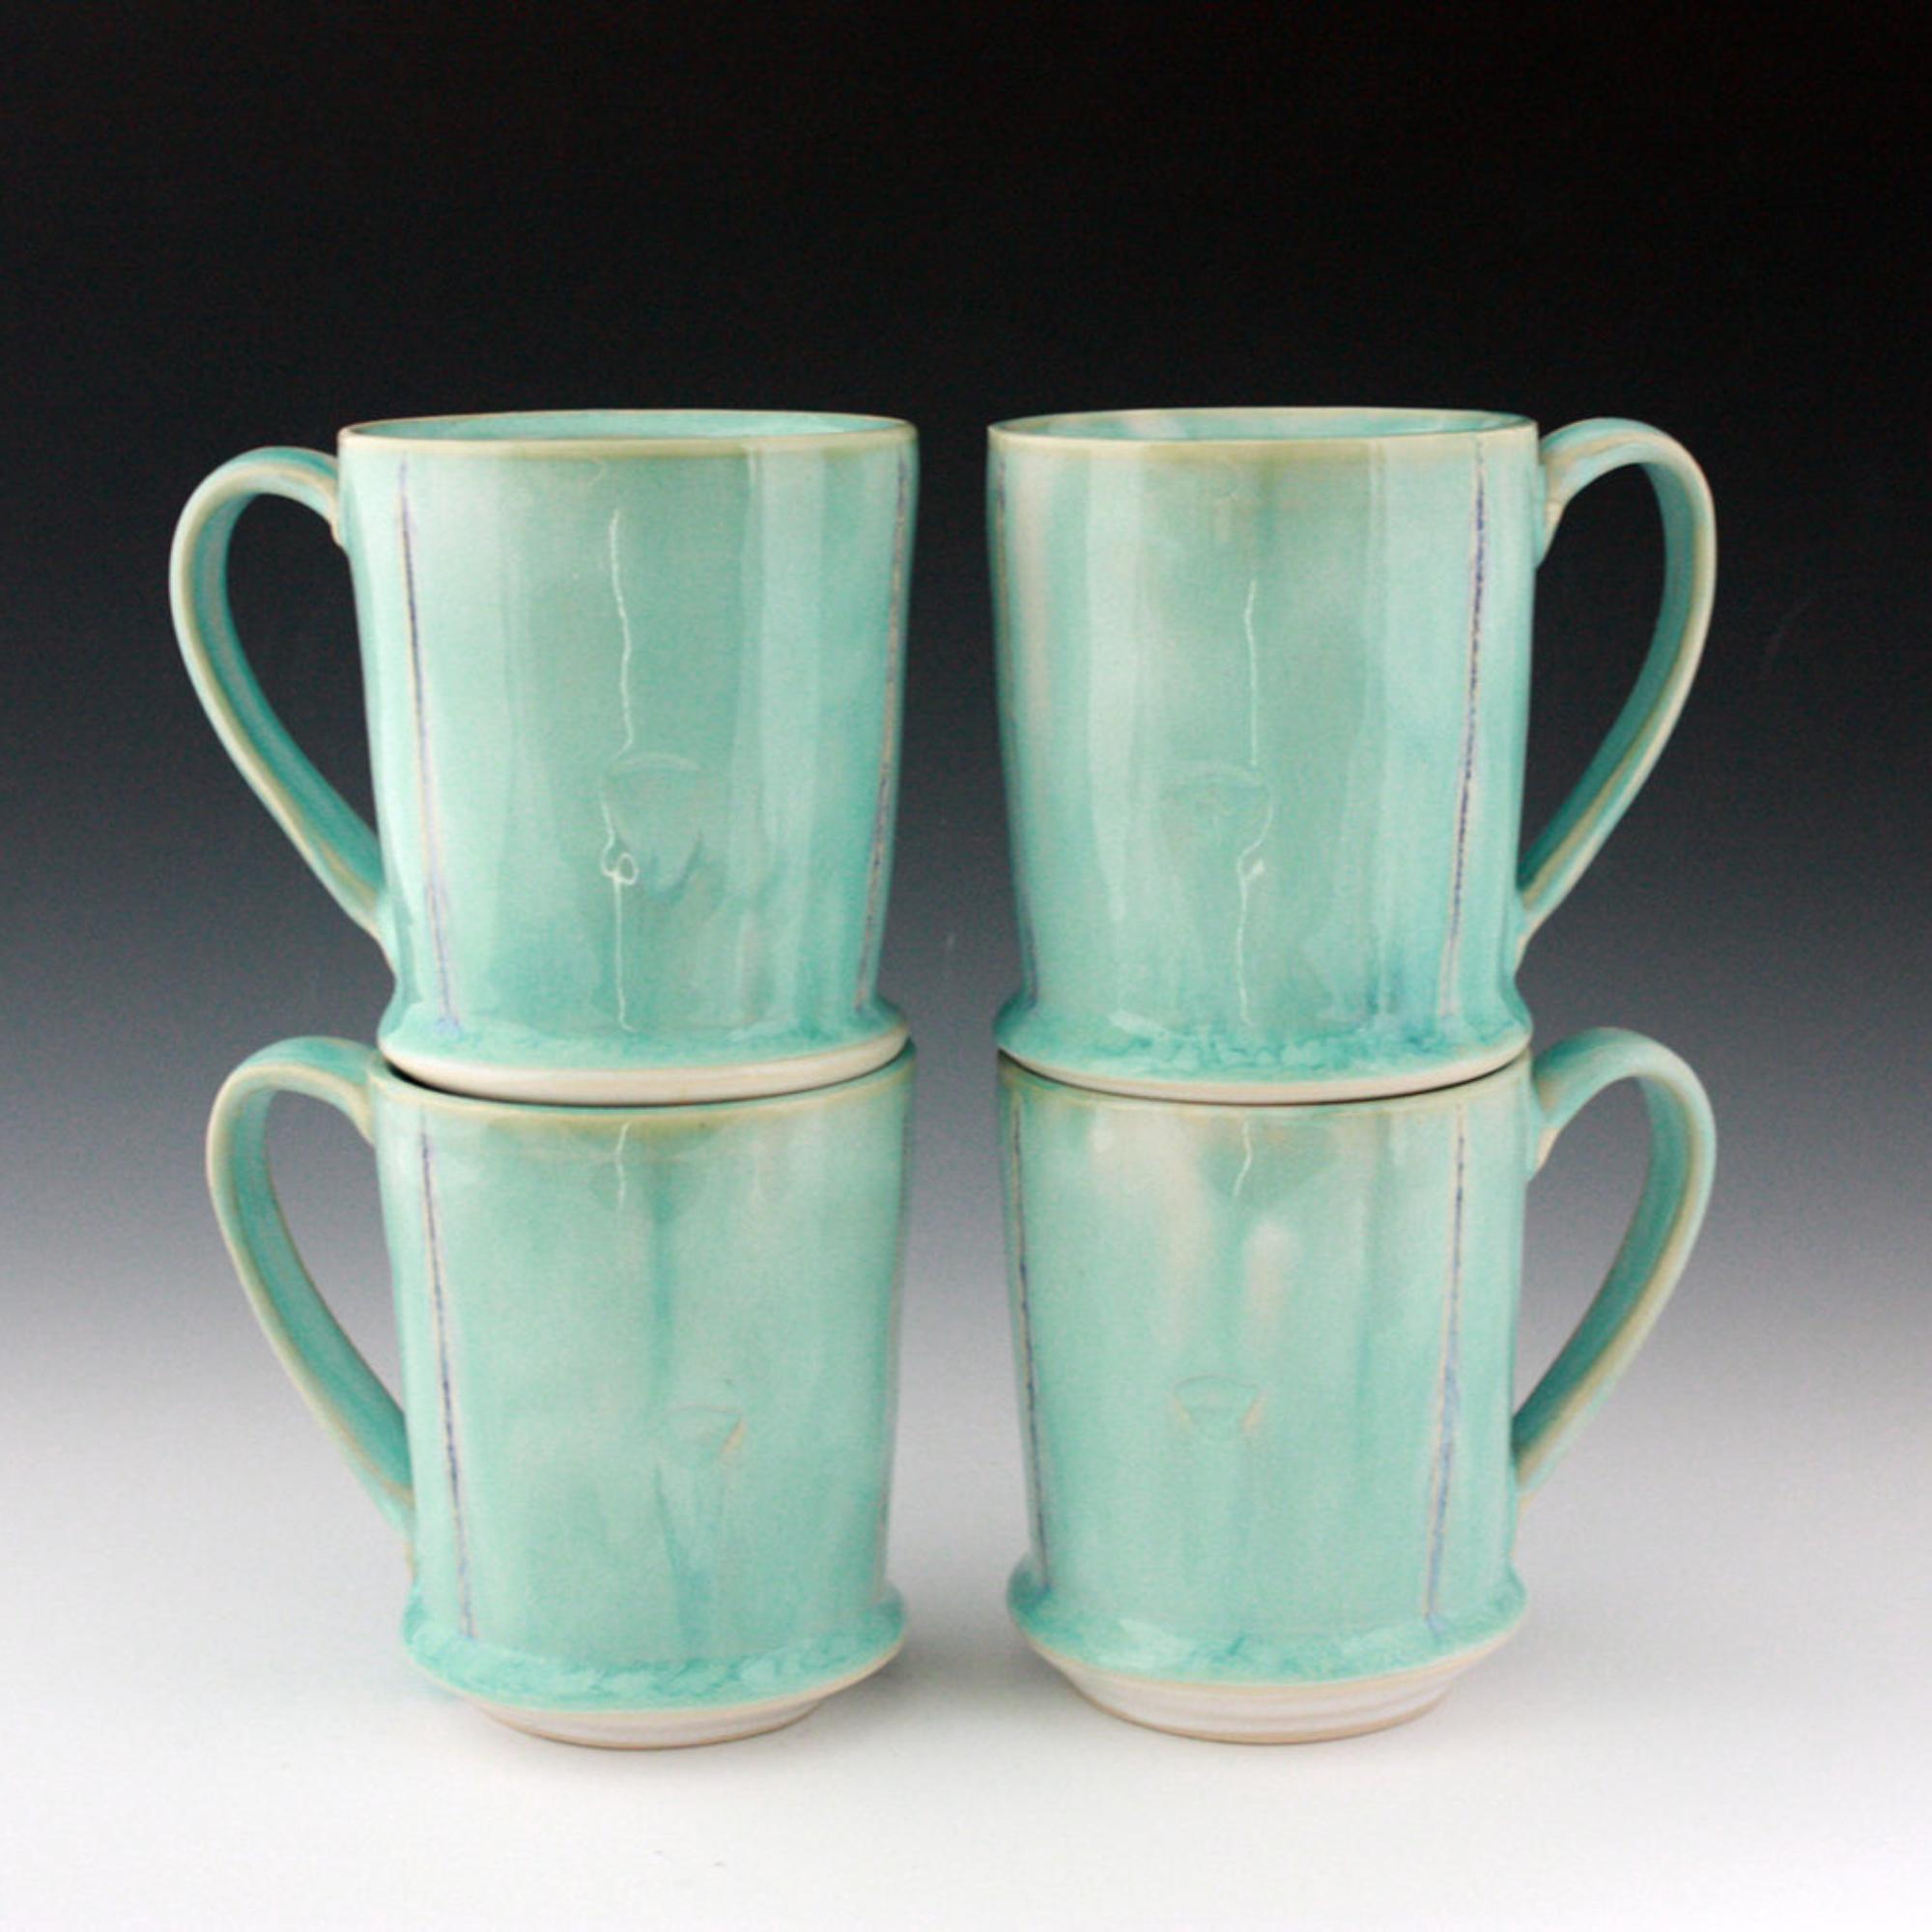 Garret Pndergrass Pottery | Fort Worth Water Garden Series